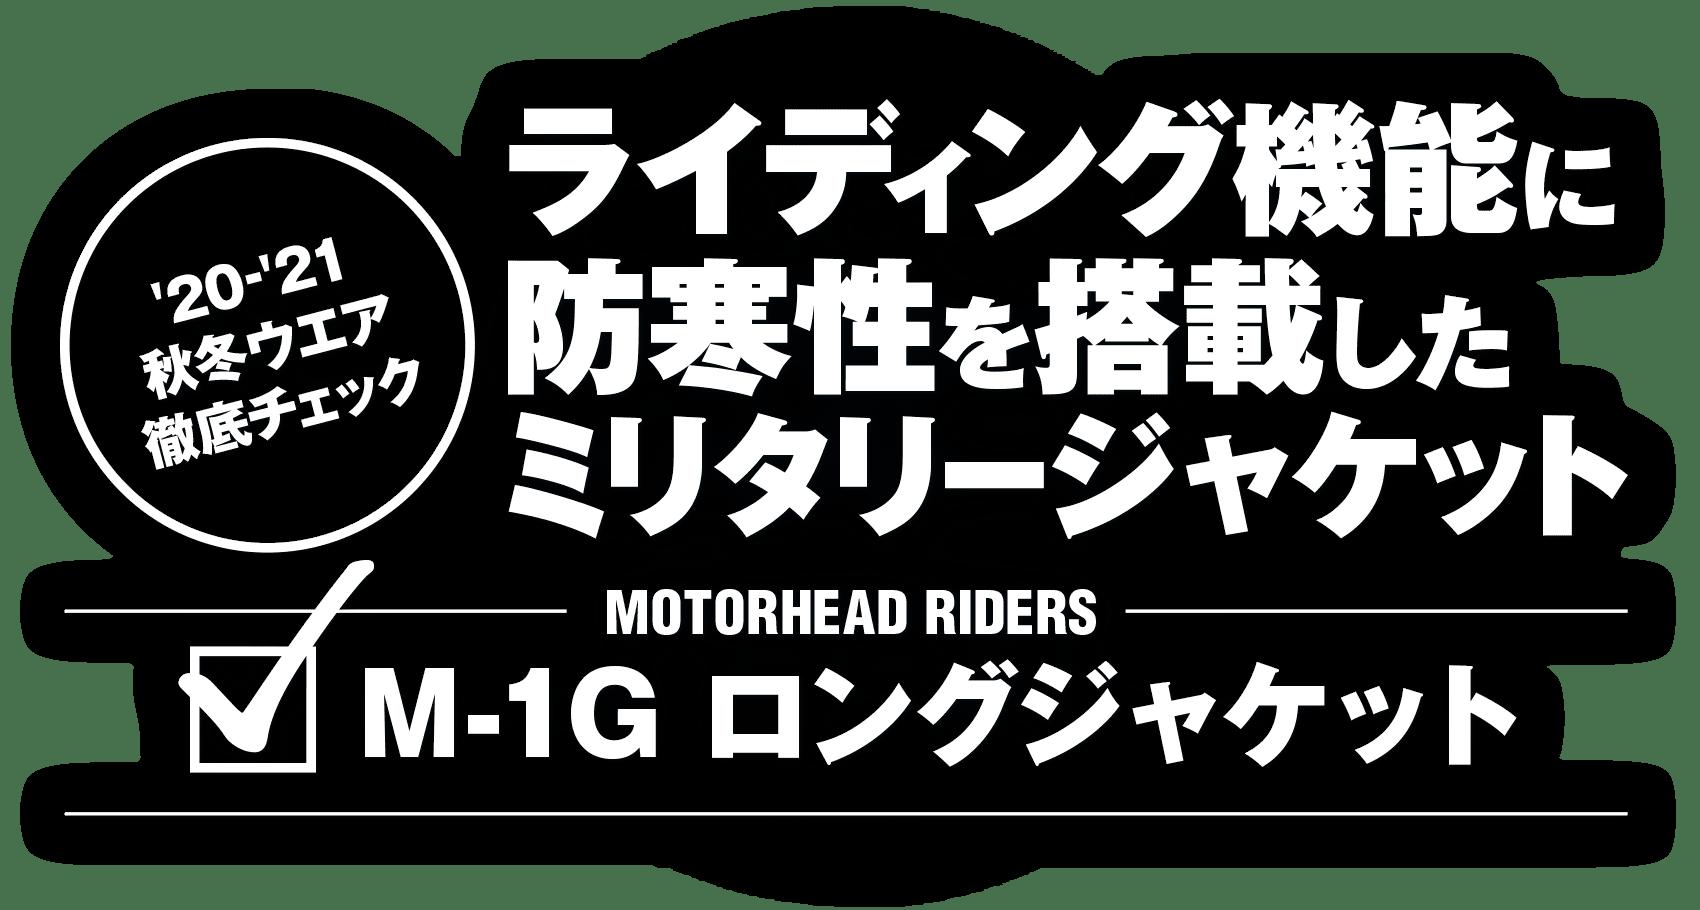 """ライディング機能に防寒性を搭載したミリタリージャケット """"MOTORHEAD RIDERS M-1G ロングジャケット"""""""